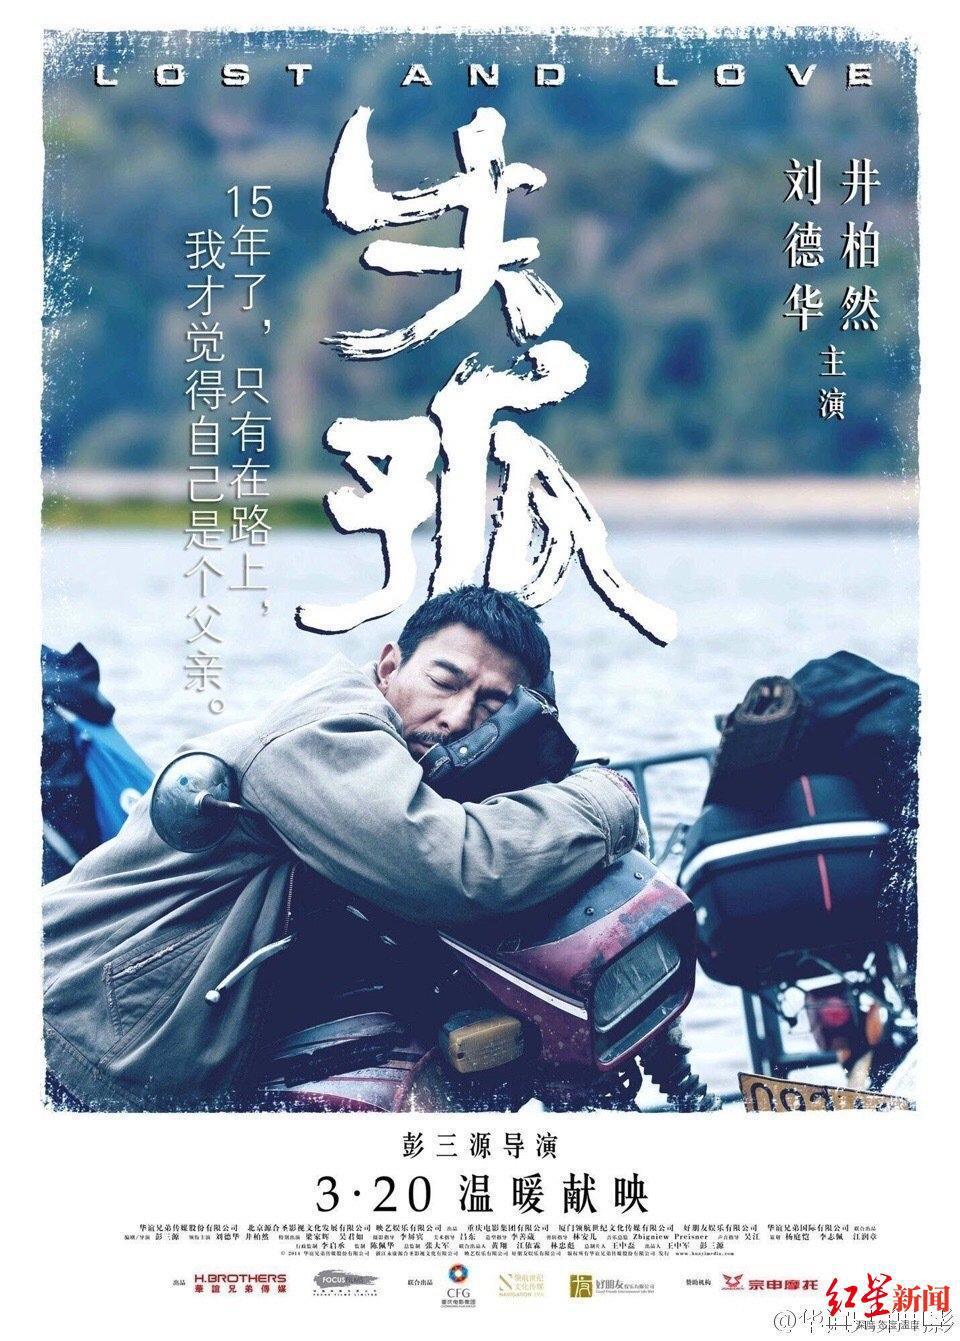 《失孤》导演:电影原型找到儿子了!刘德华很激动